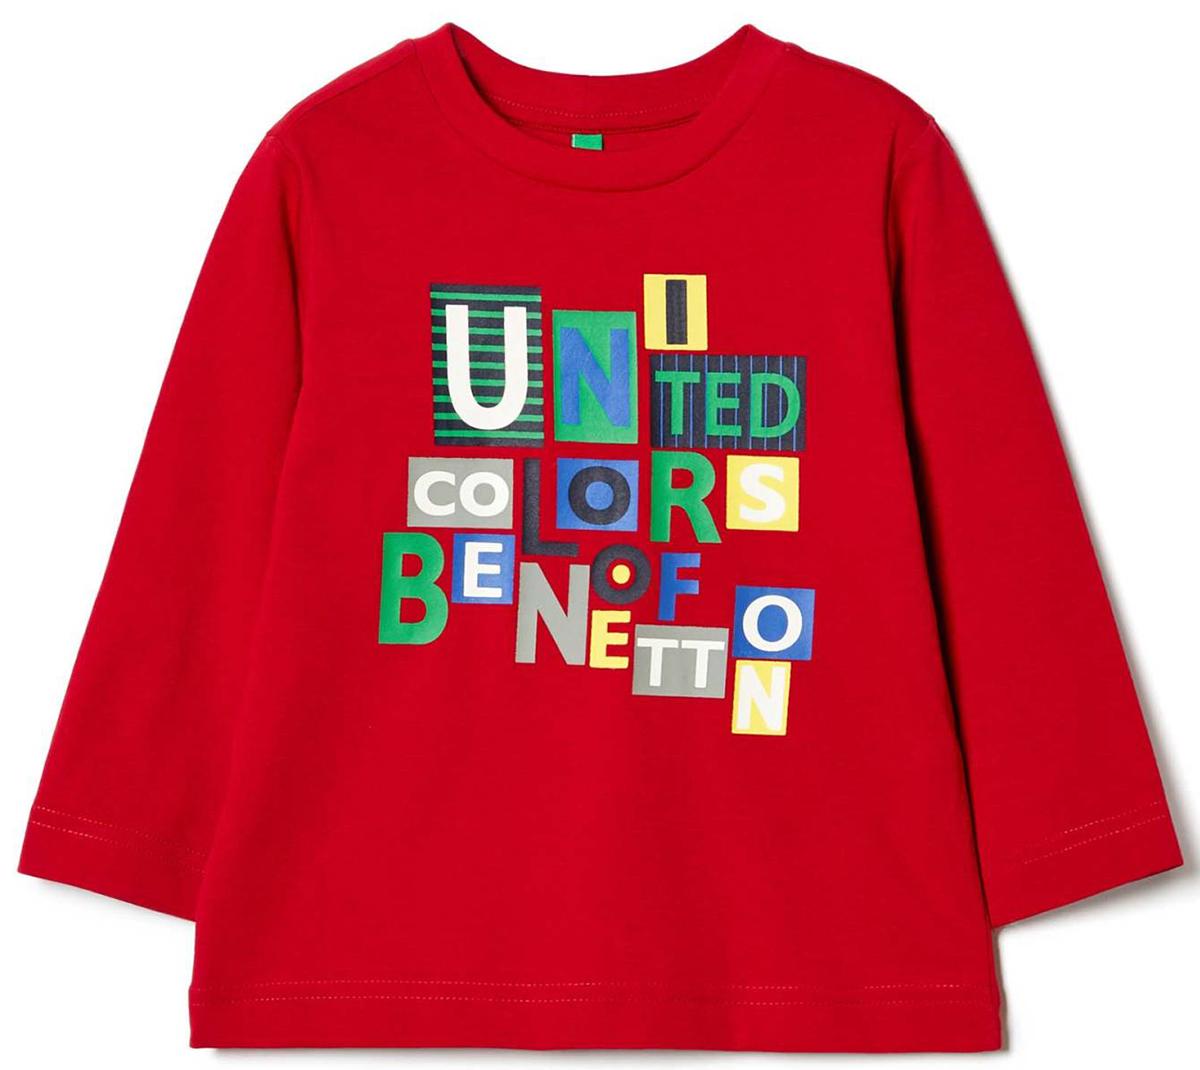 Лонгслив для мальчика United Colors of Benetton, цвет: красный. 3I1XC1389_07C. Размер 1603I1XC1389_07CЛонгслив для мальчика United Colors of Benetton выполнен из натурального хлопка. Модель с круглым вырезом горловины и длинными рукавами.